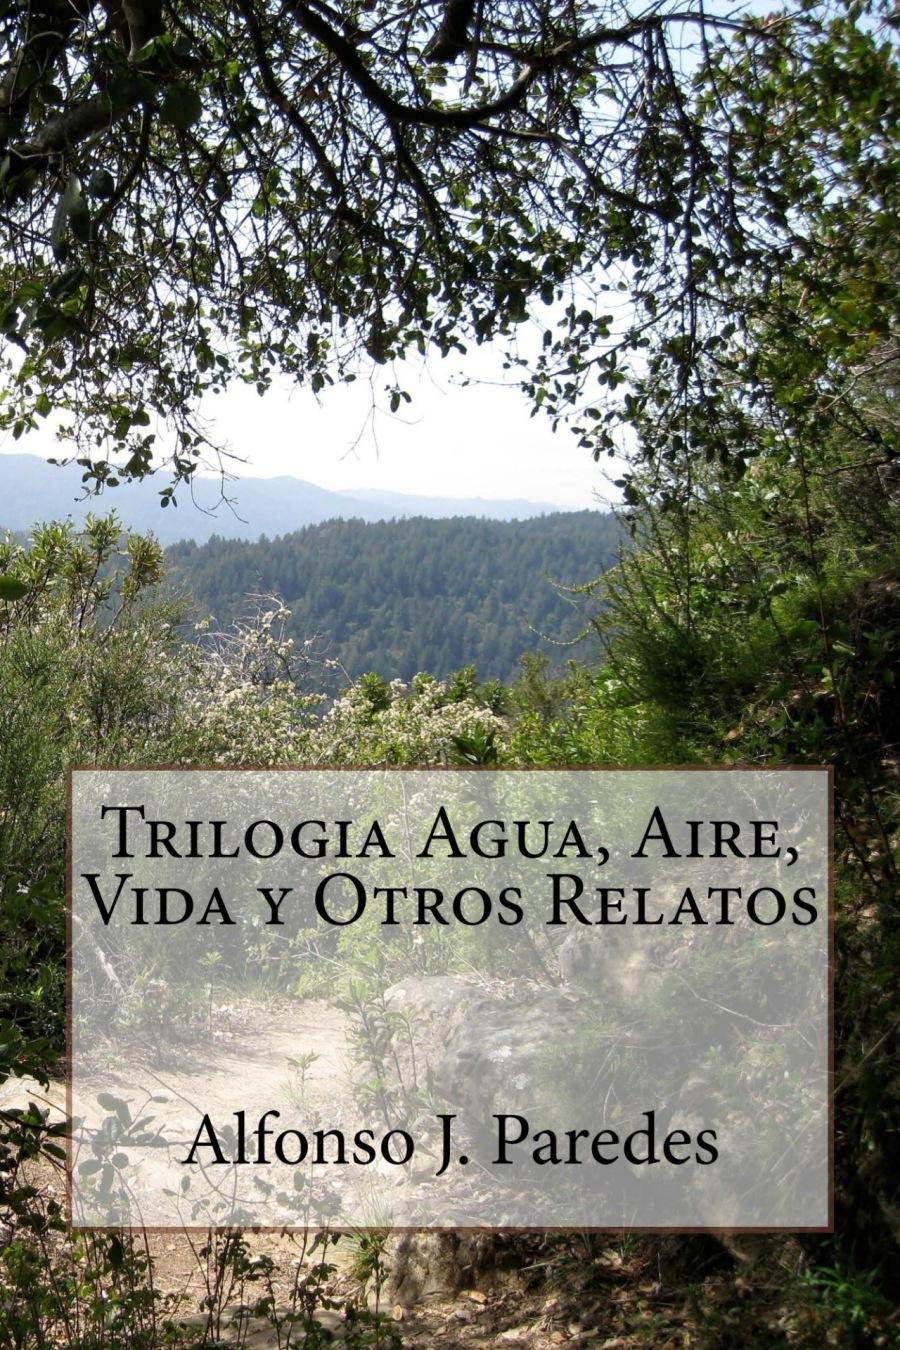 TRILOGIA AGUA, AIRE, i VIDA Y OTROS RELATOS